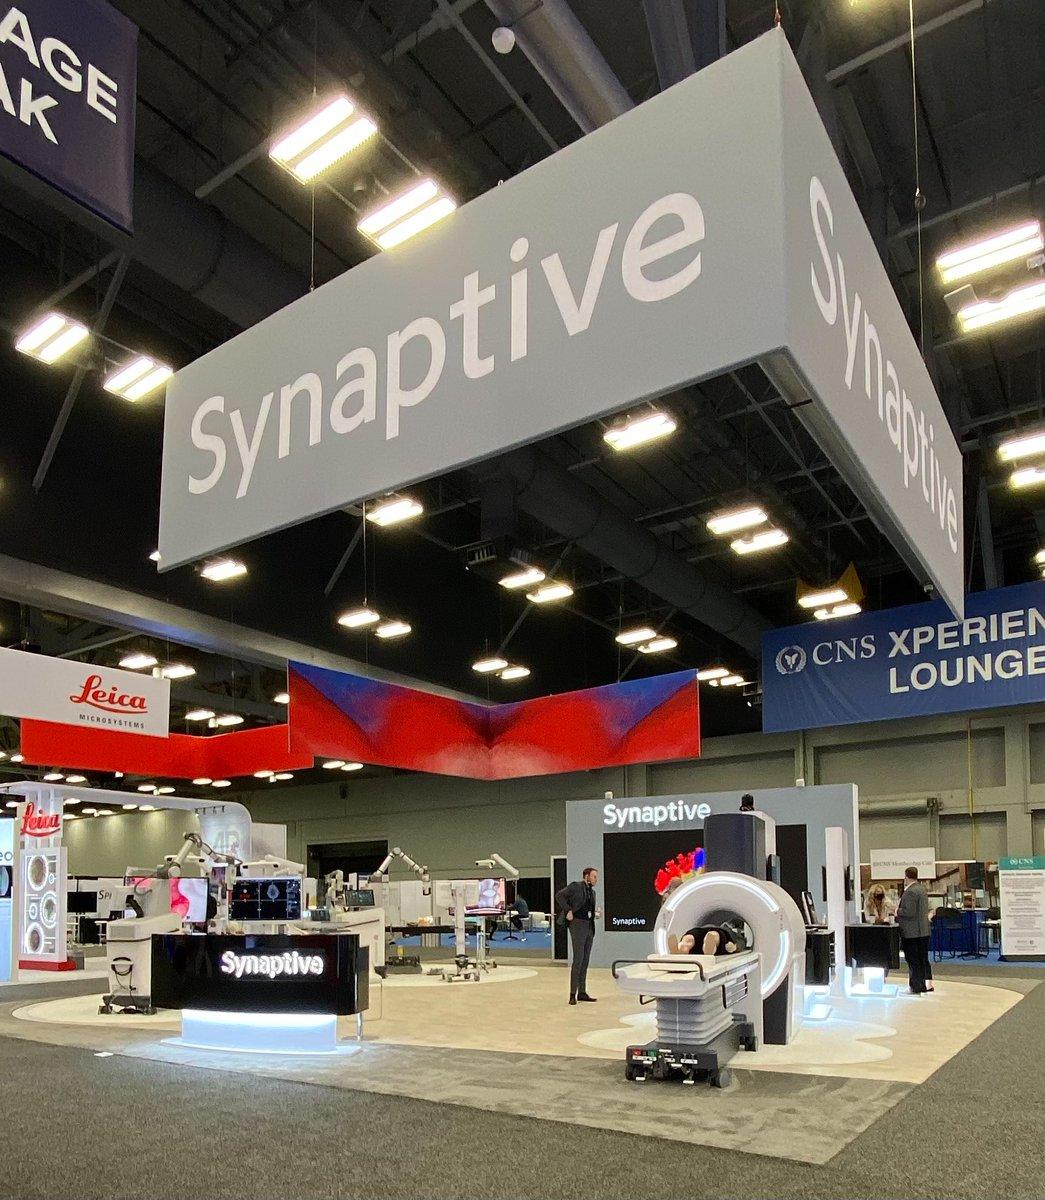 SynaptiveMed photo